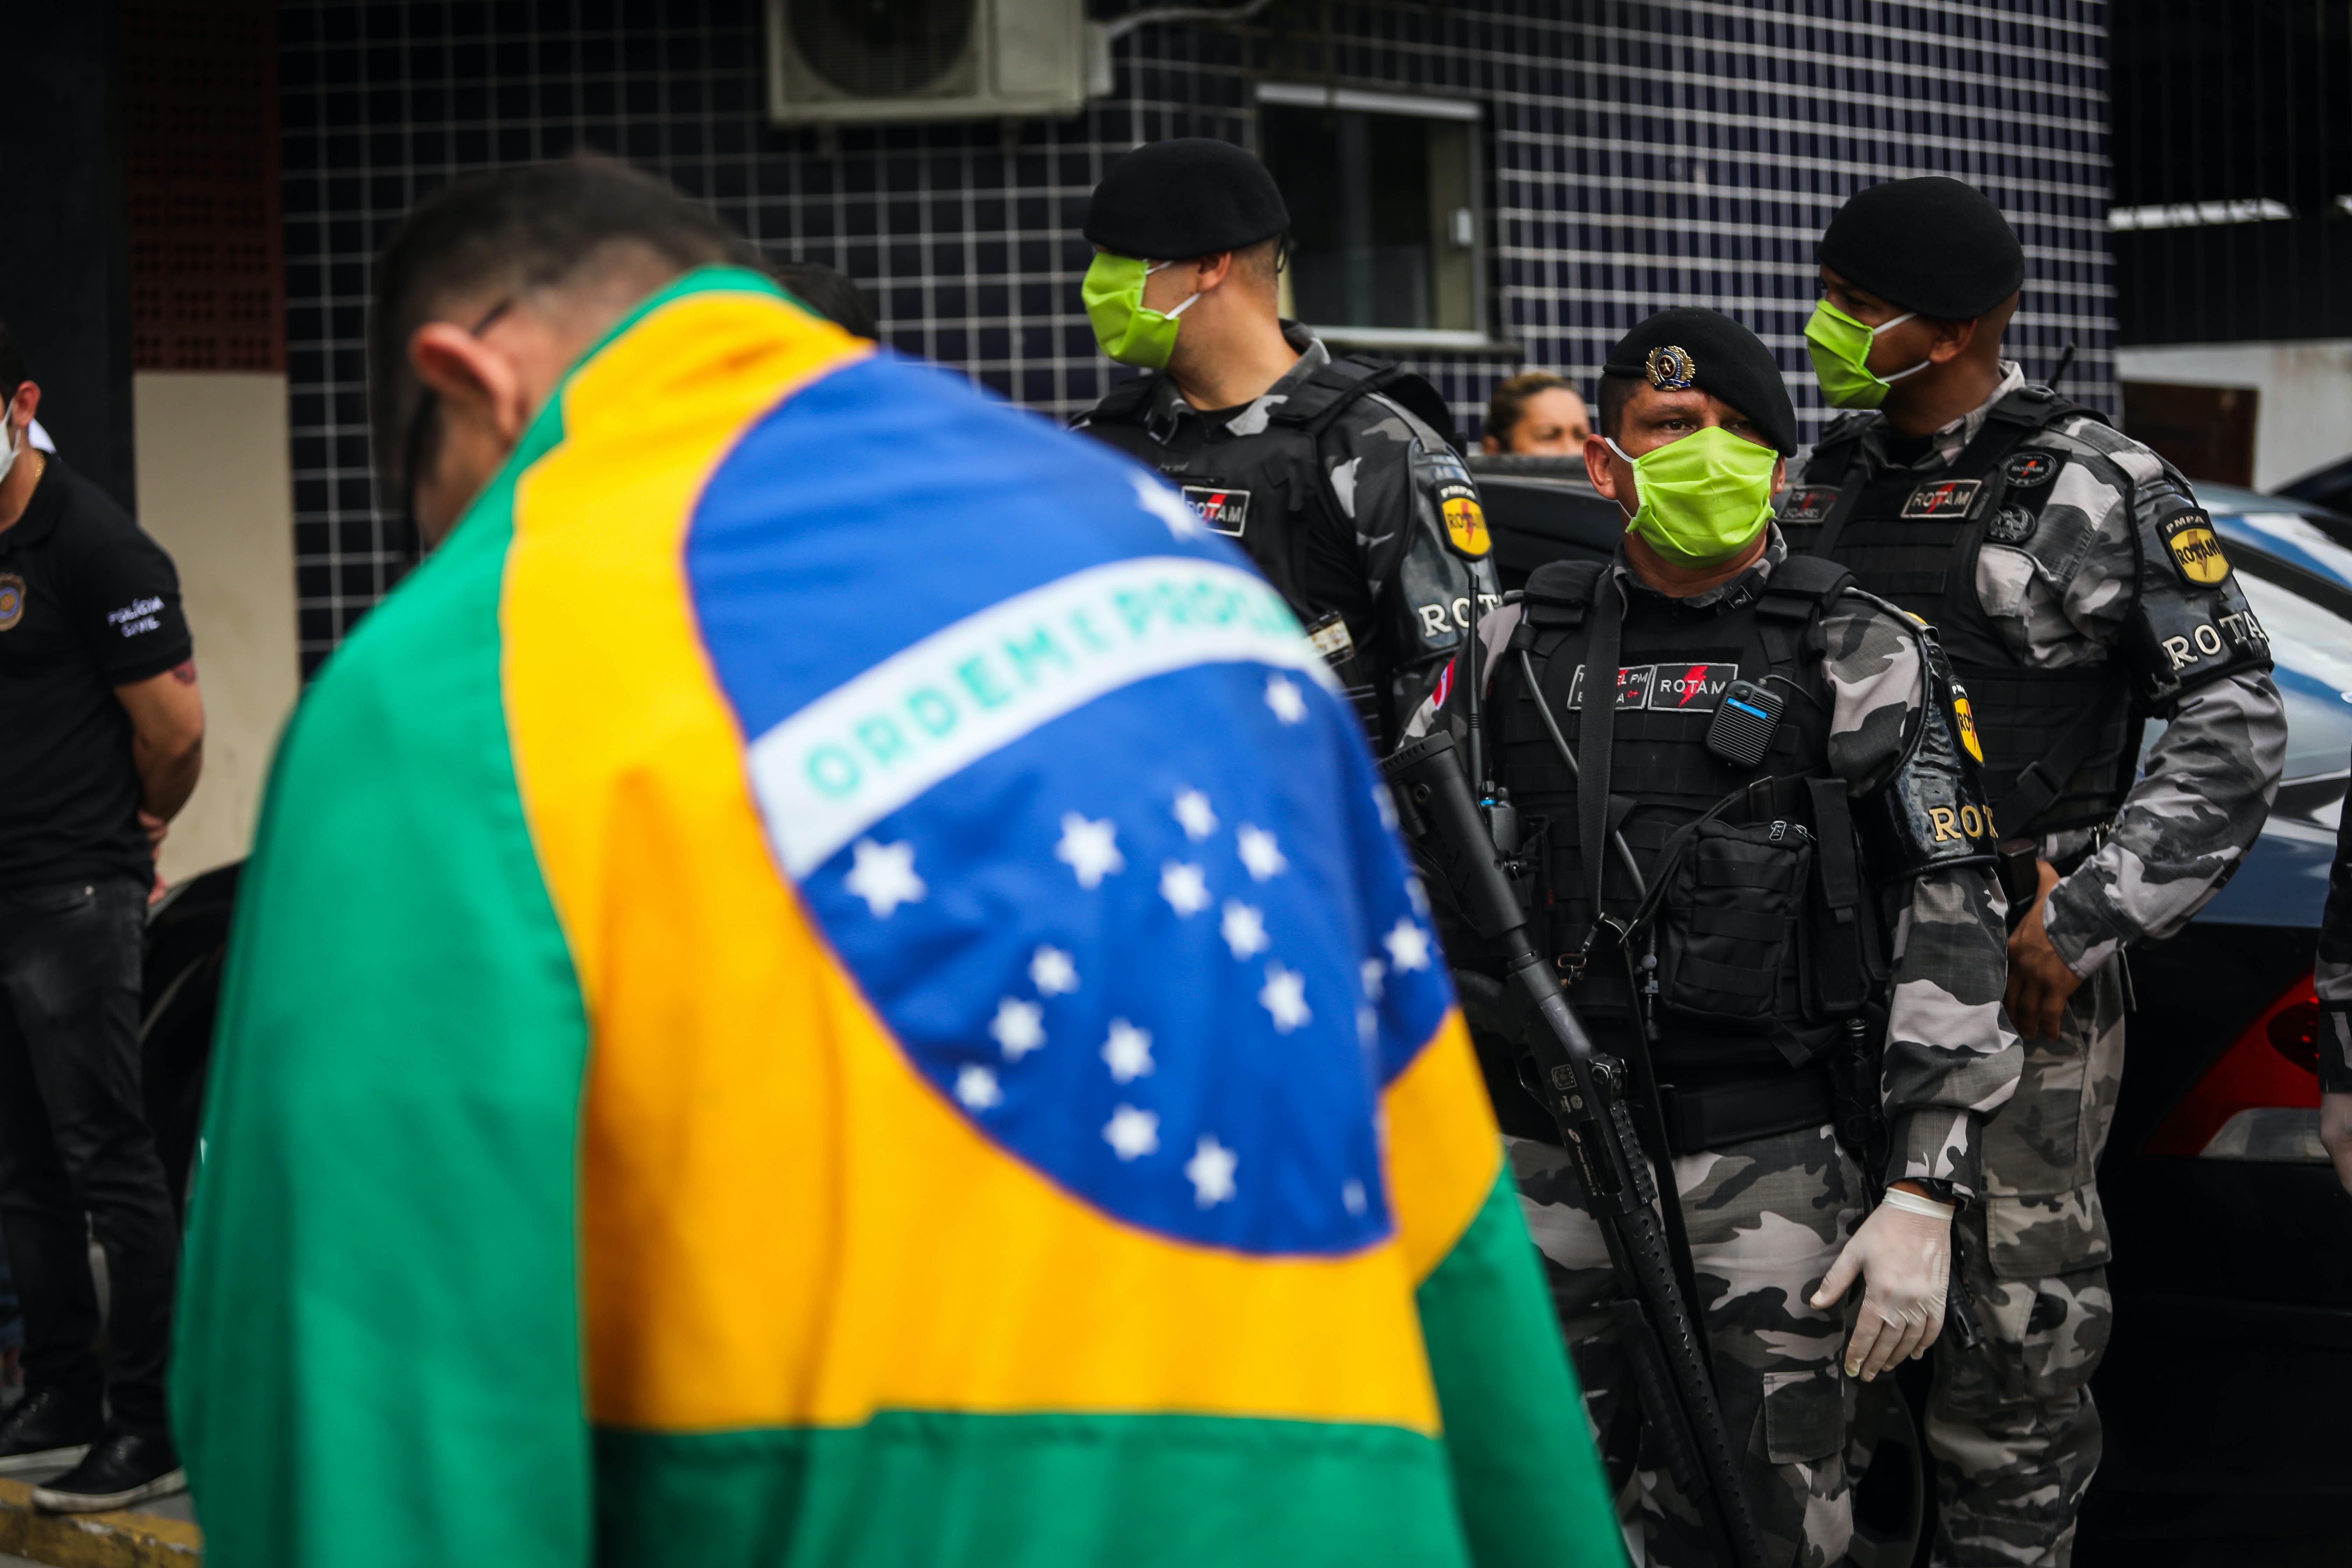 Manifestantes pró-governo descumprem a ordem do governador Hélder Barbalho e promovem carreata em Belém no dia 28/03. Polícia foi acionada para impedir a carreata e manifestantes foram conduzidos para a delegacia.